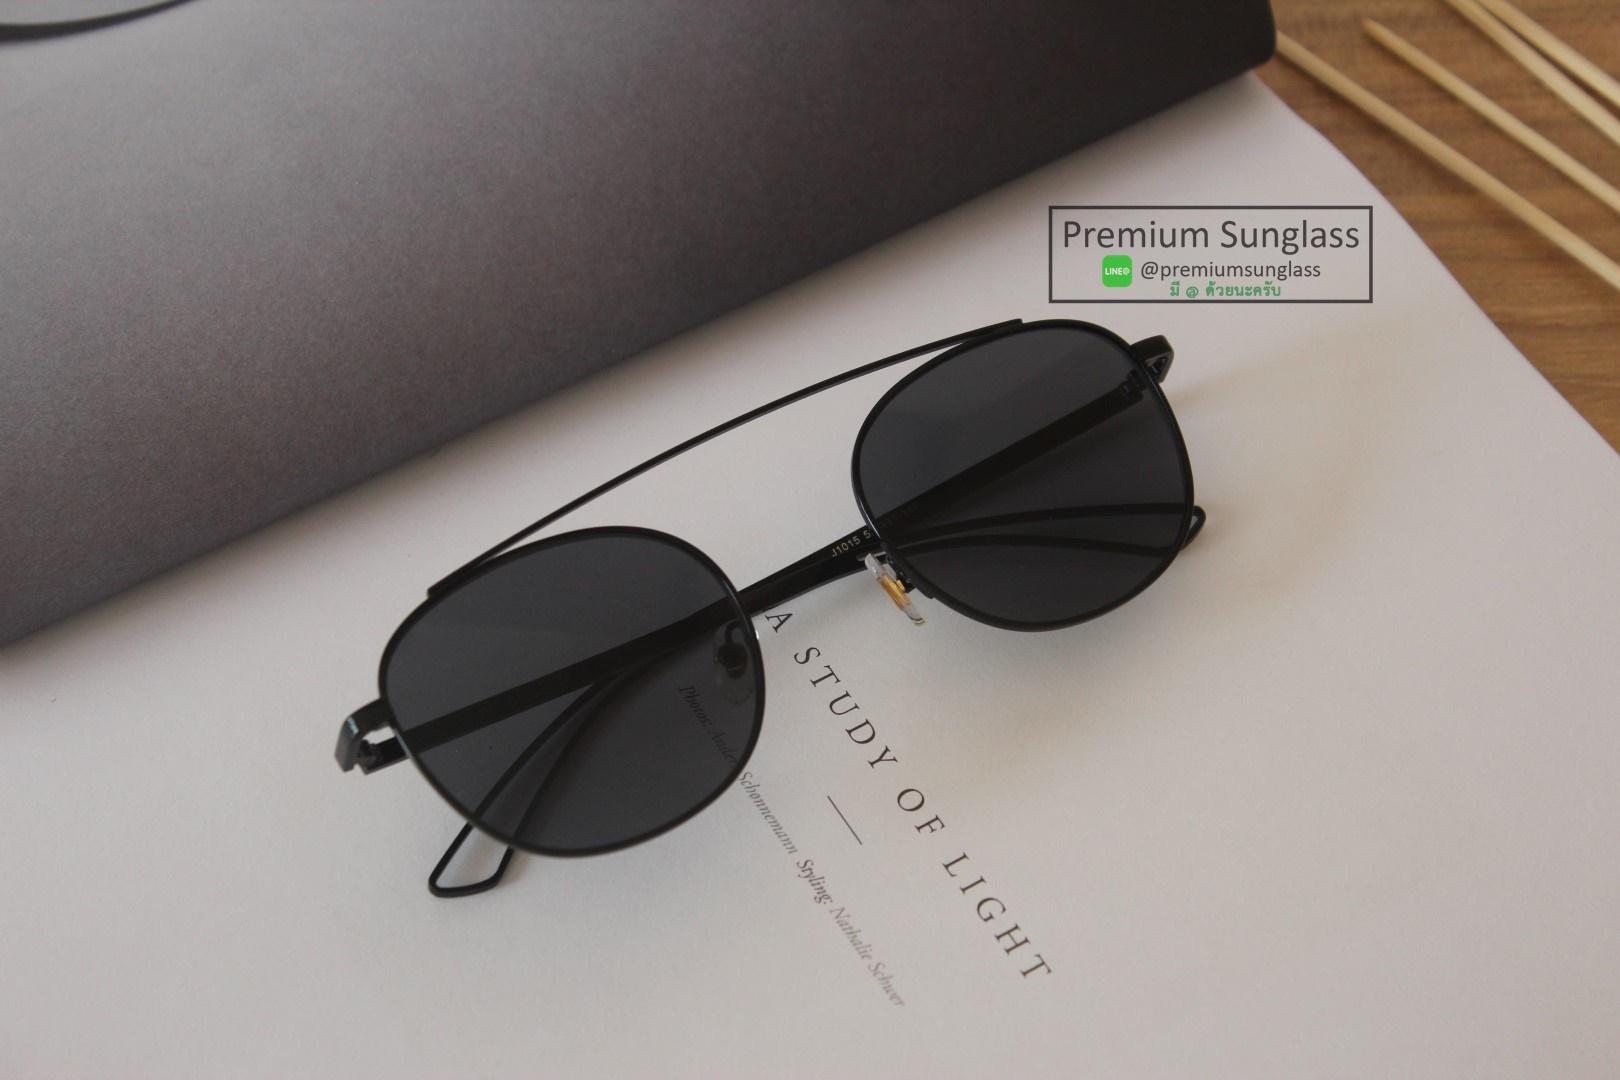 แว่นกันแดดแฟชั่น รุ่น Bridgeless All Black